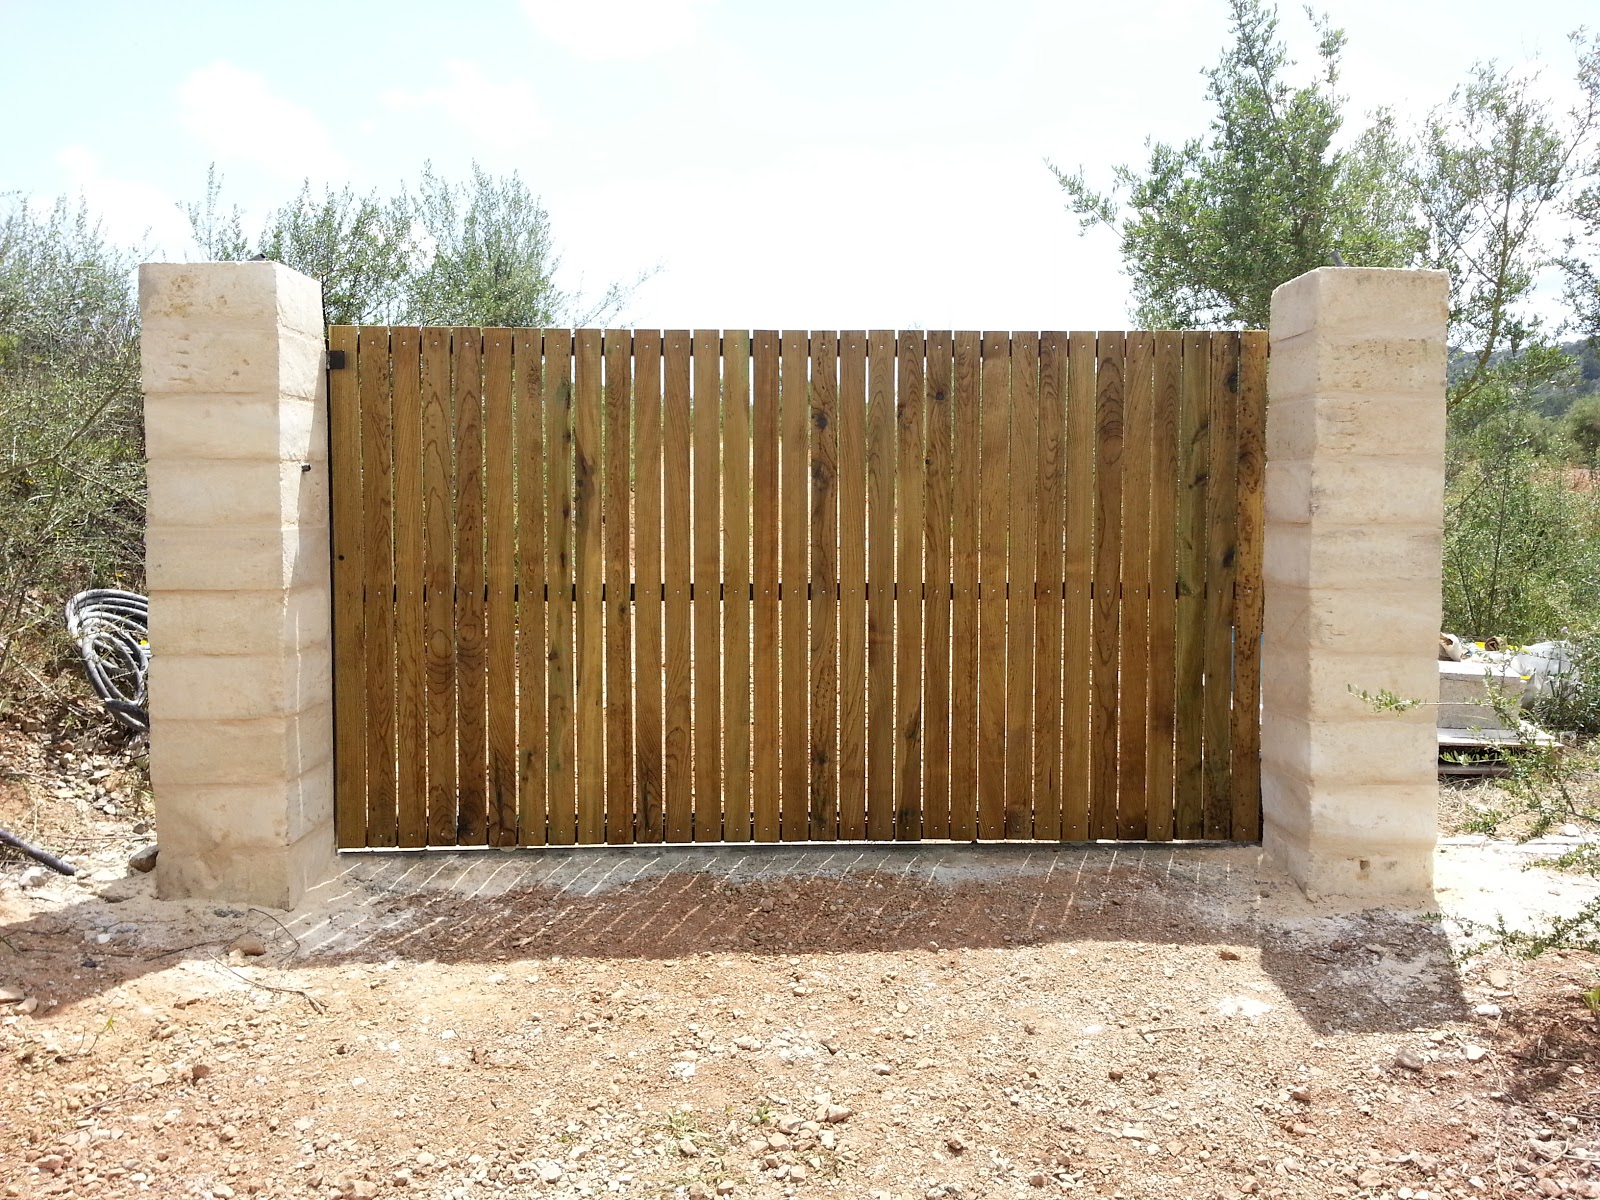 Puertas correderas de hierro revestidas de madera para fincas rusricas puerta corredera - Cierres de madera para fincas ...